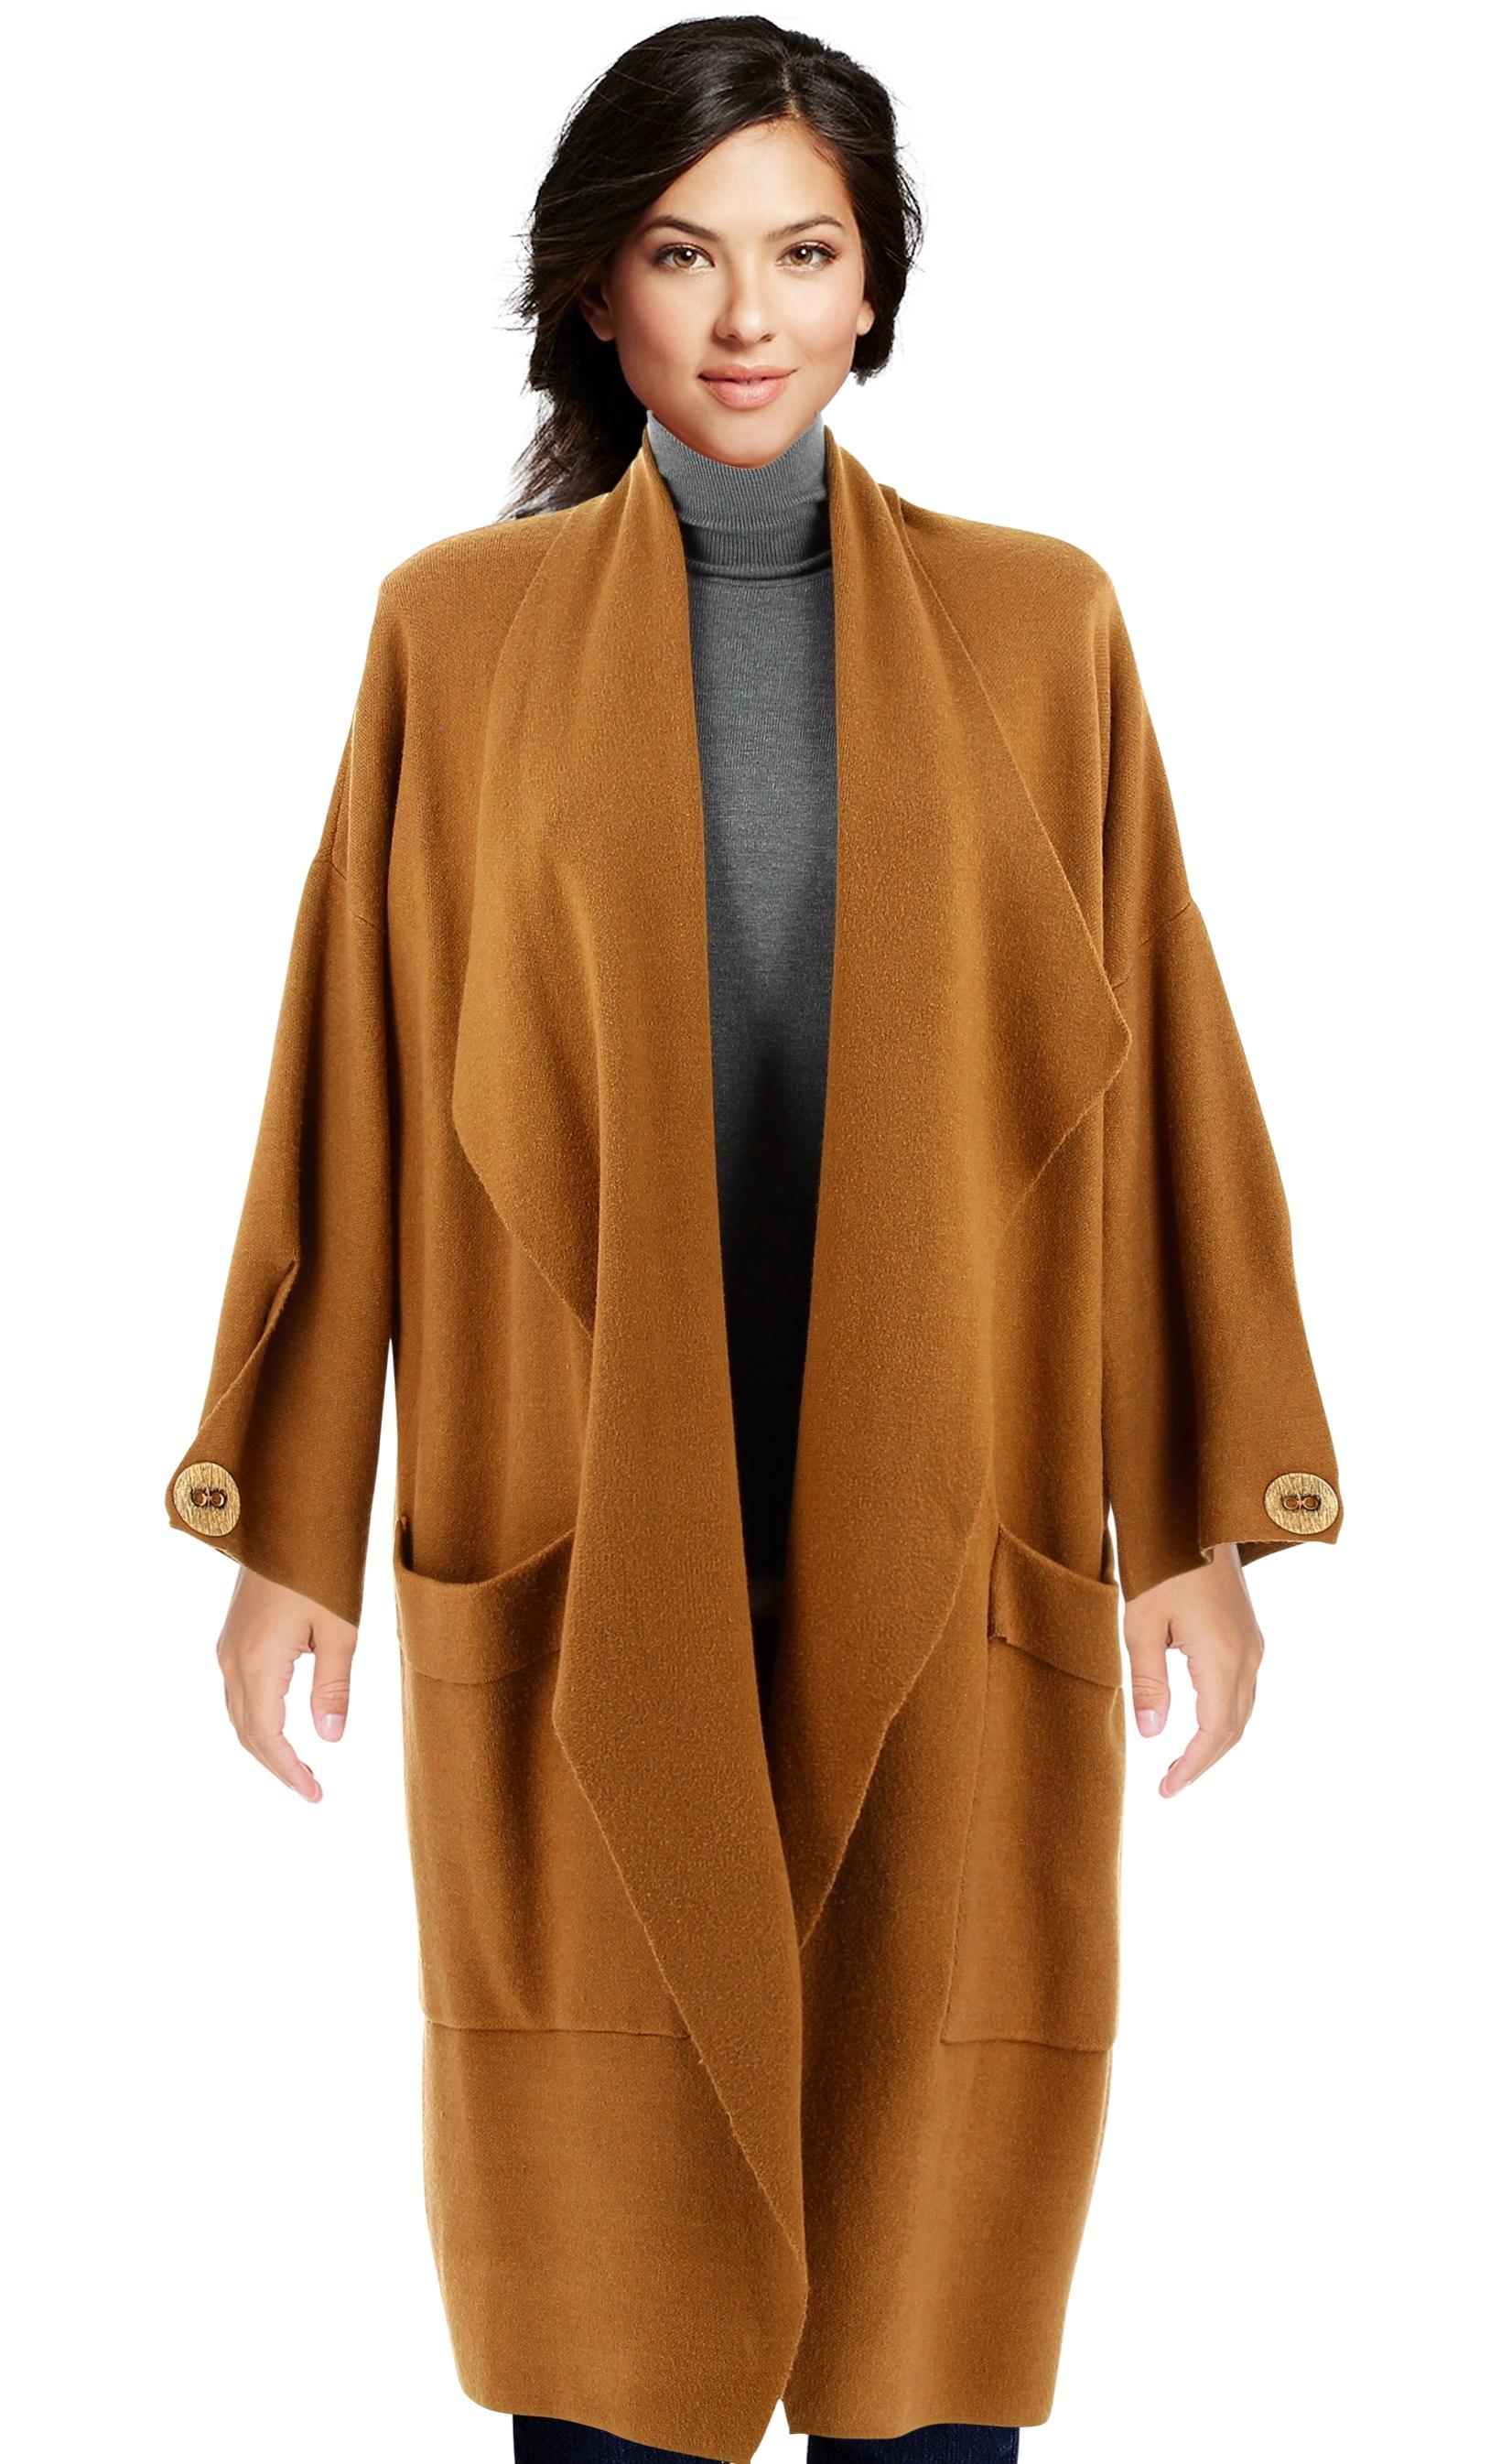 manteau femme grande taille hiver camel luigi. Black Bedroom Furniture Sets. Home Design Ideas